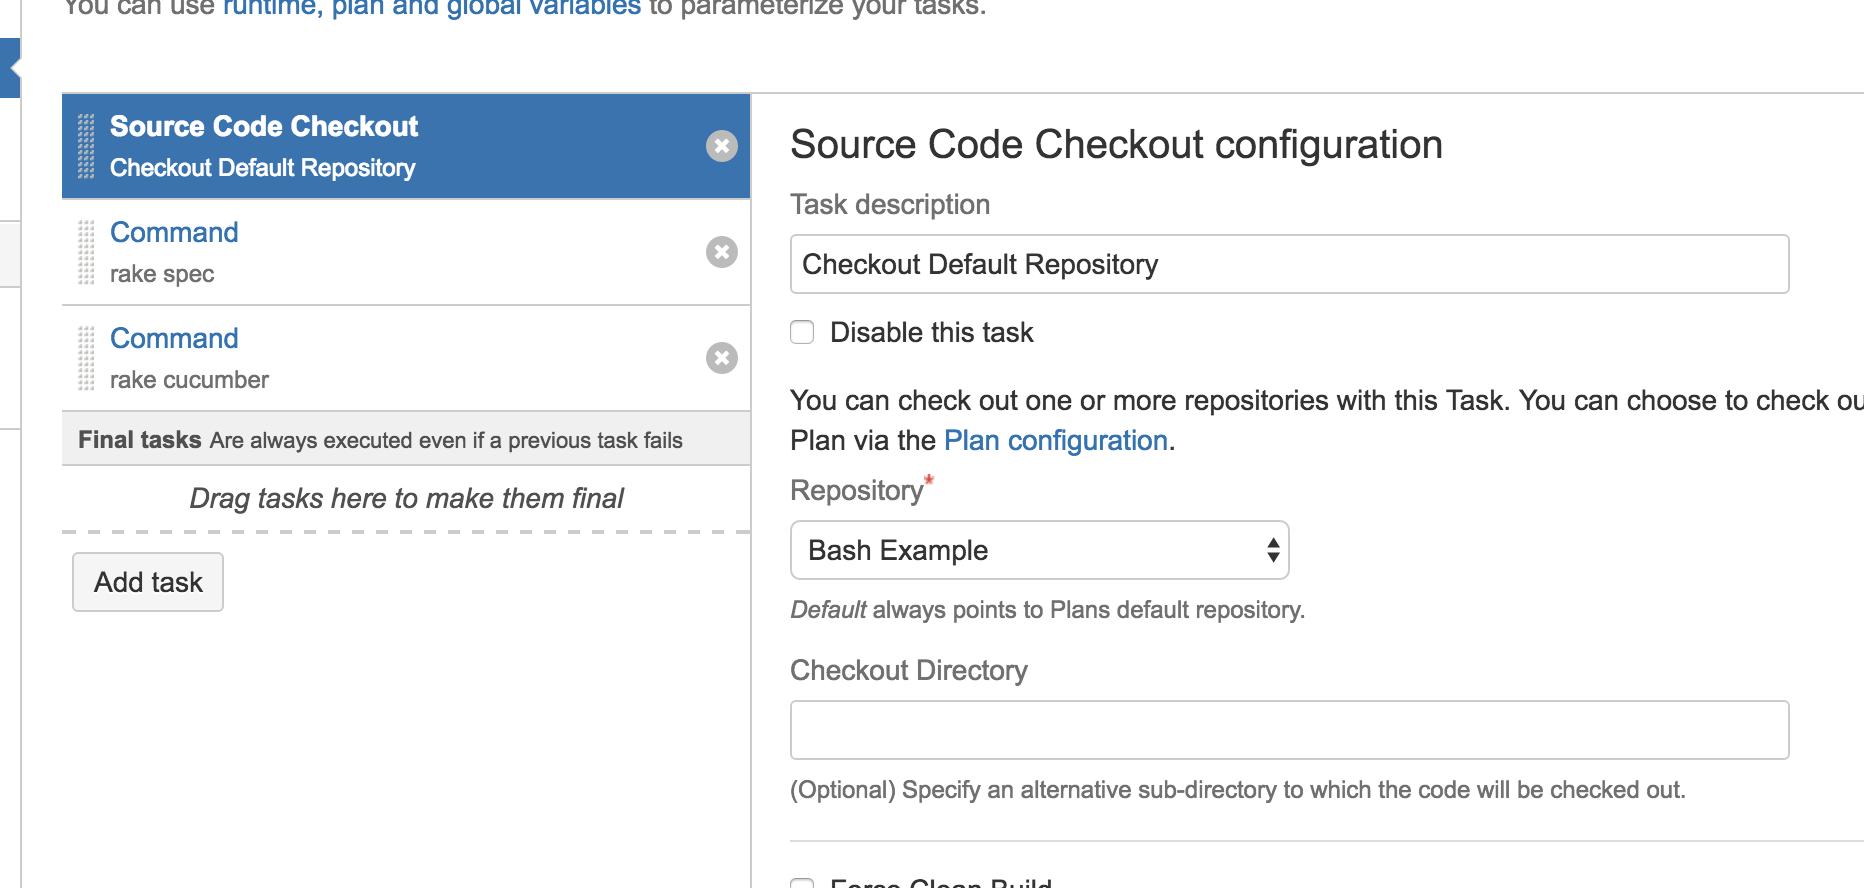 Screenshot of a Bamboo Task List